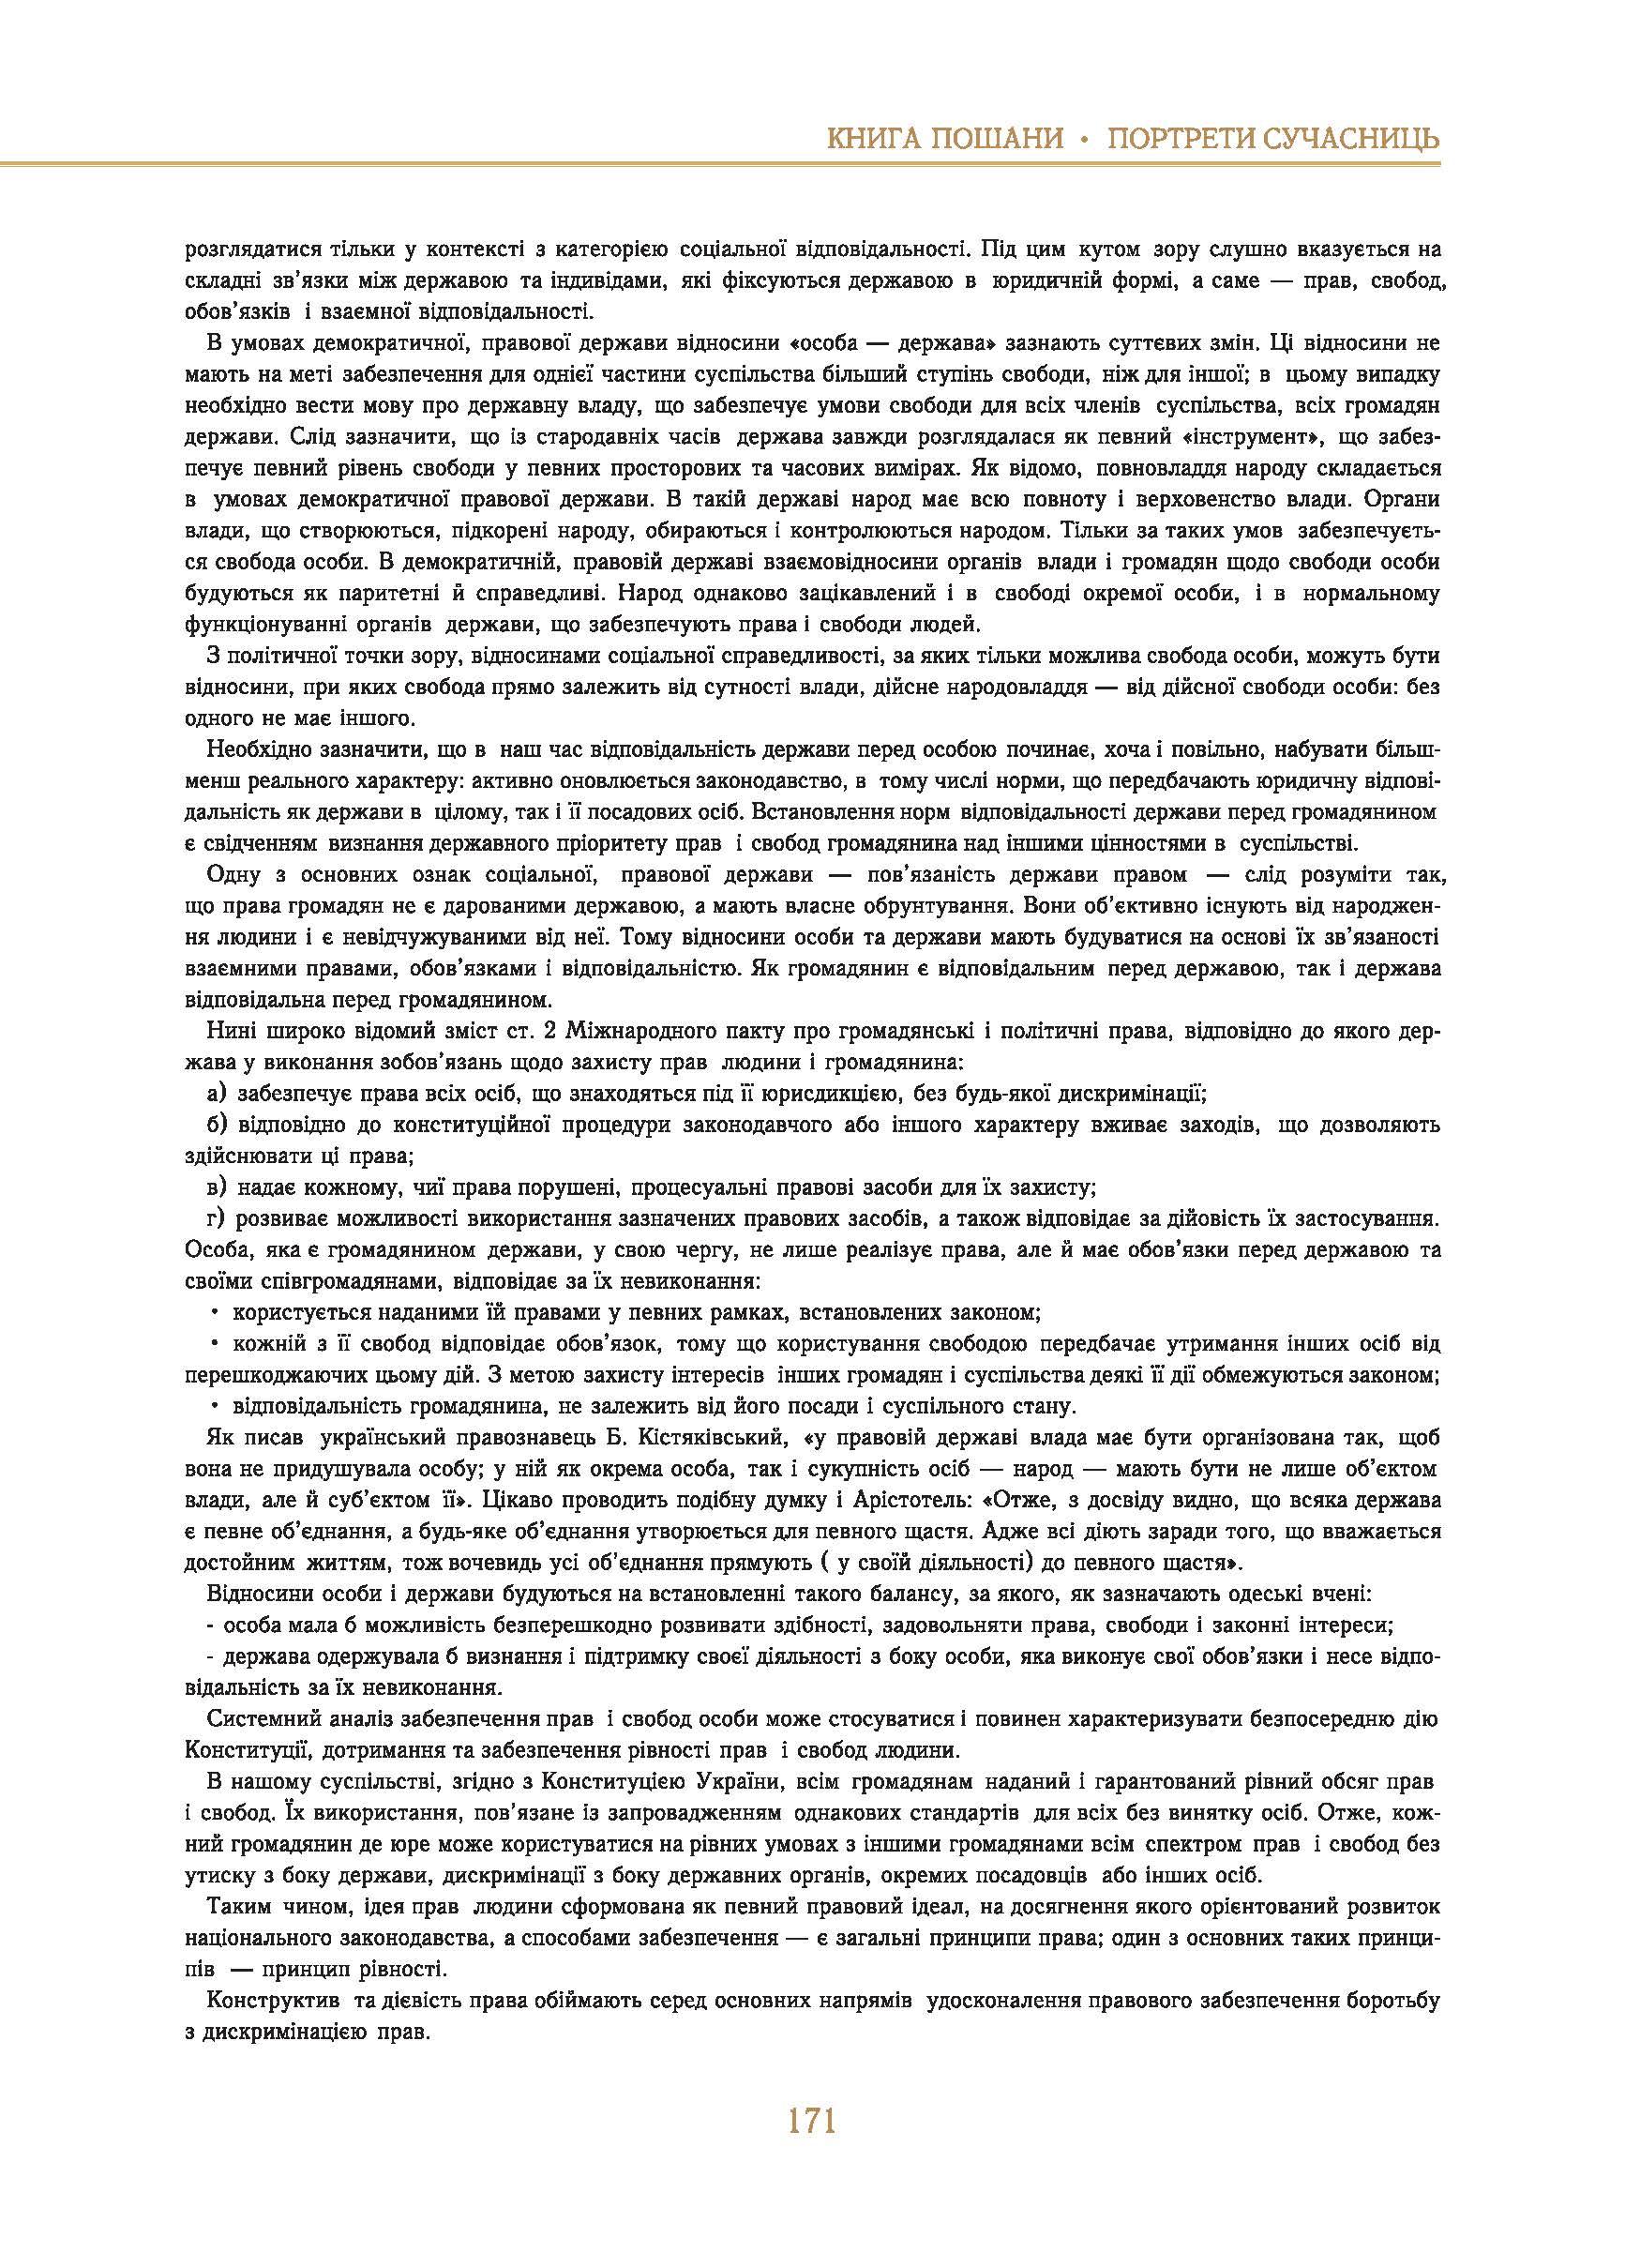 Подолання гендерної дискримінації як передумова розвитку громадянського суспільства в Україні - Н.М.Оніщенко